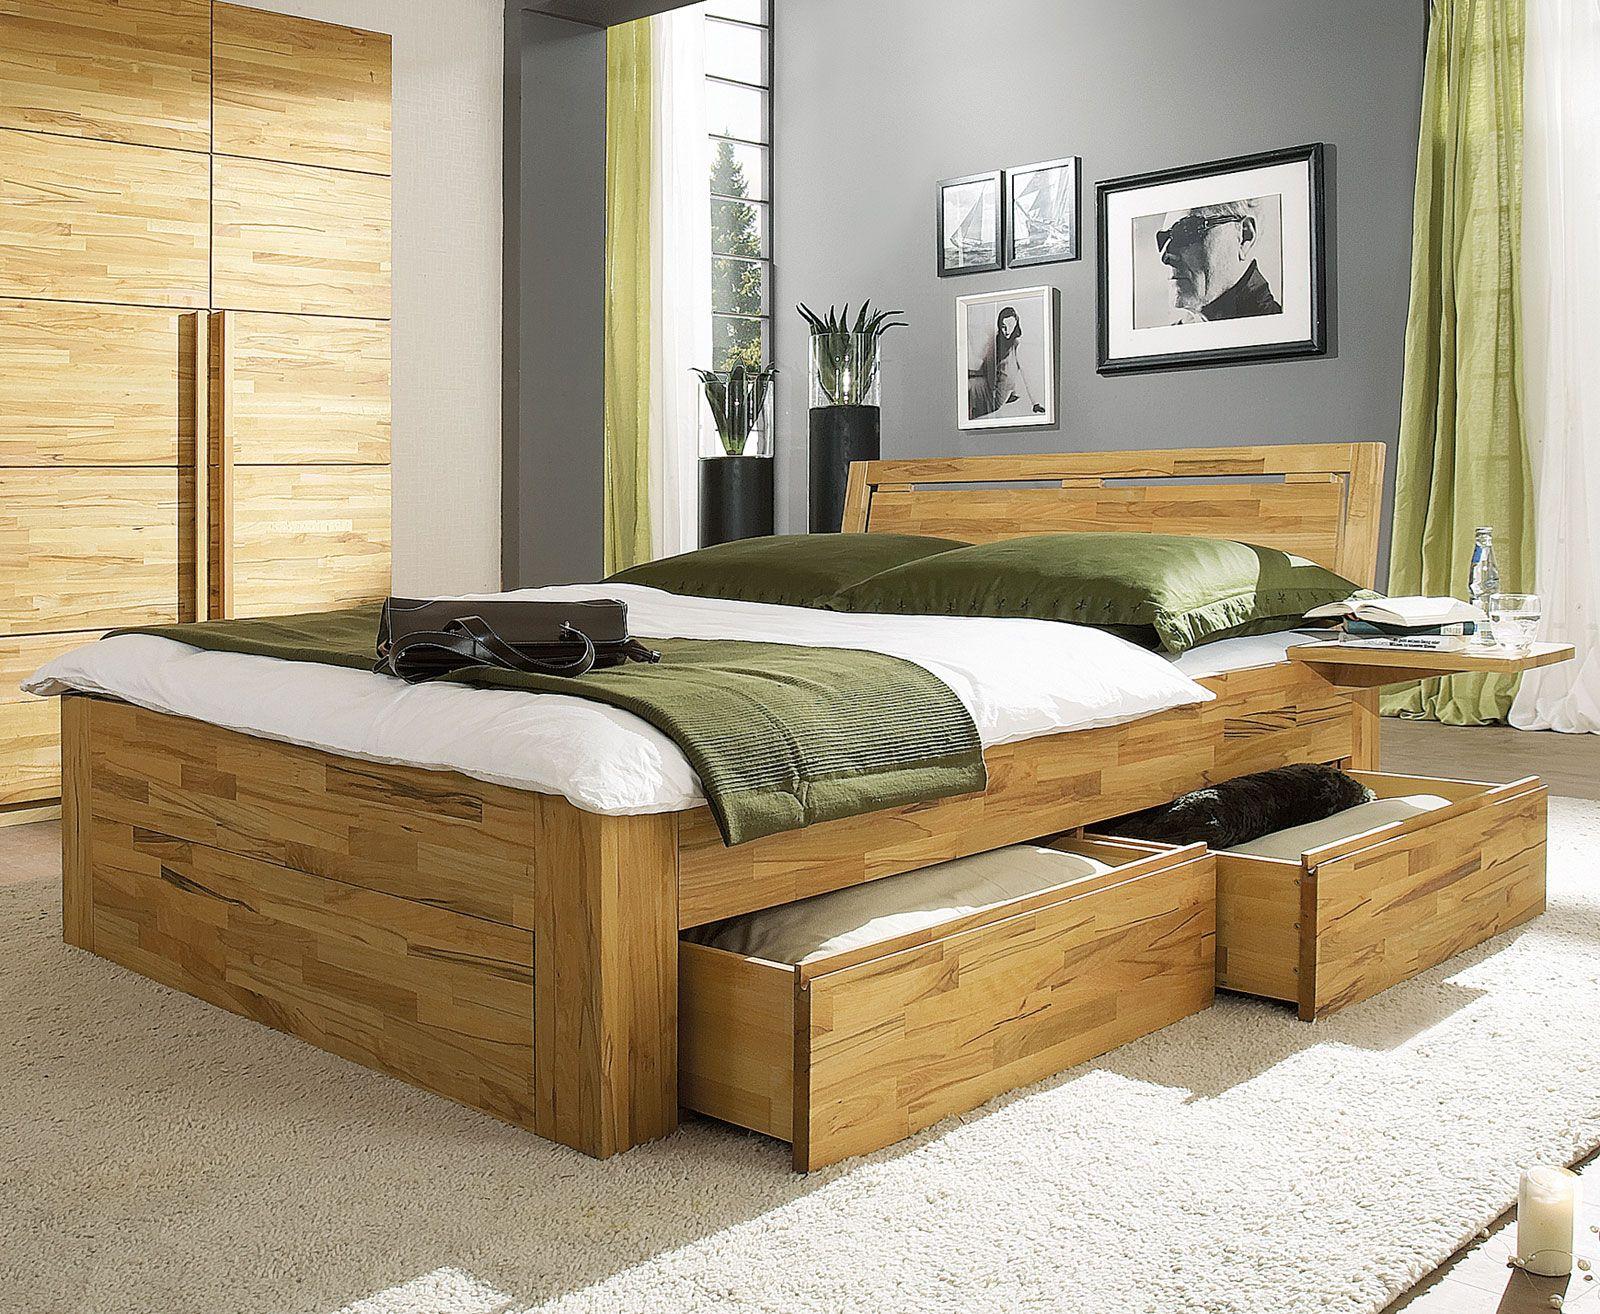 Bemerkenswert Hohes Bett Ideen Von Mit Stauraum Selber Bauen : Selber Bauen